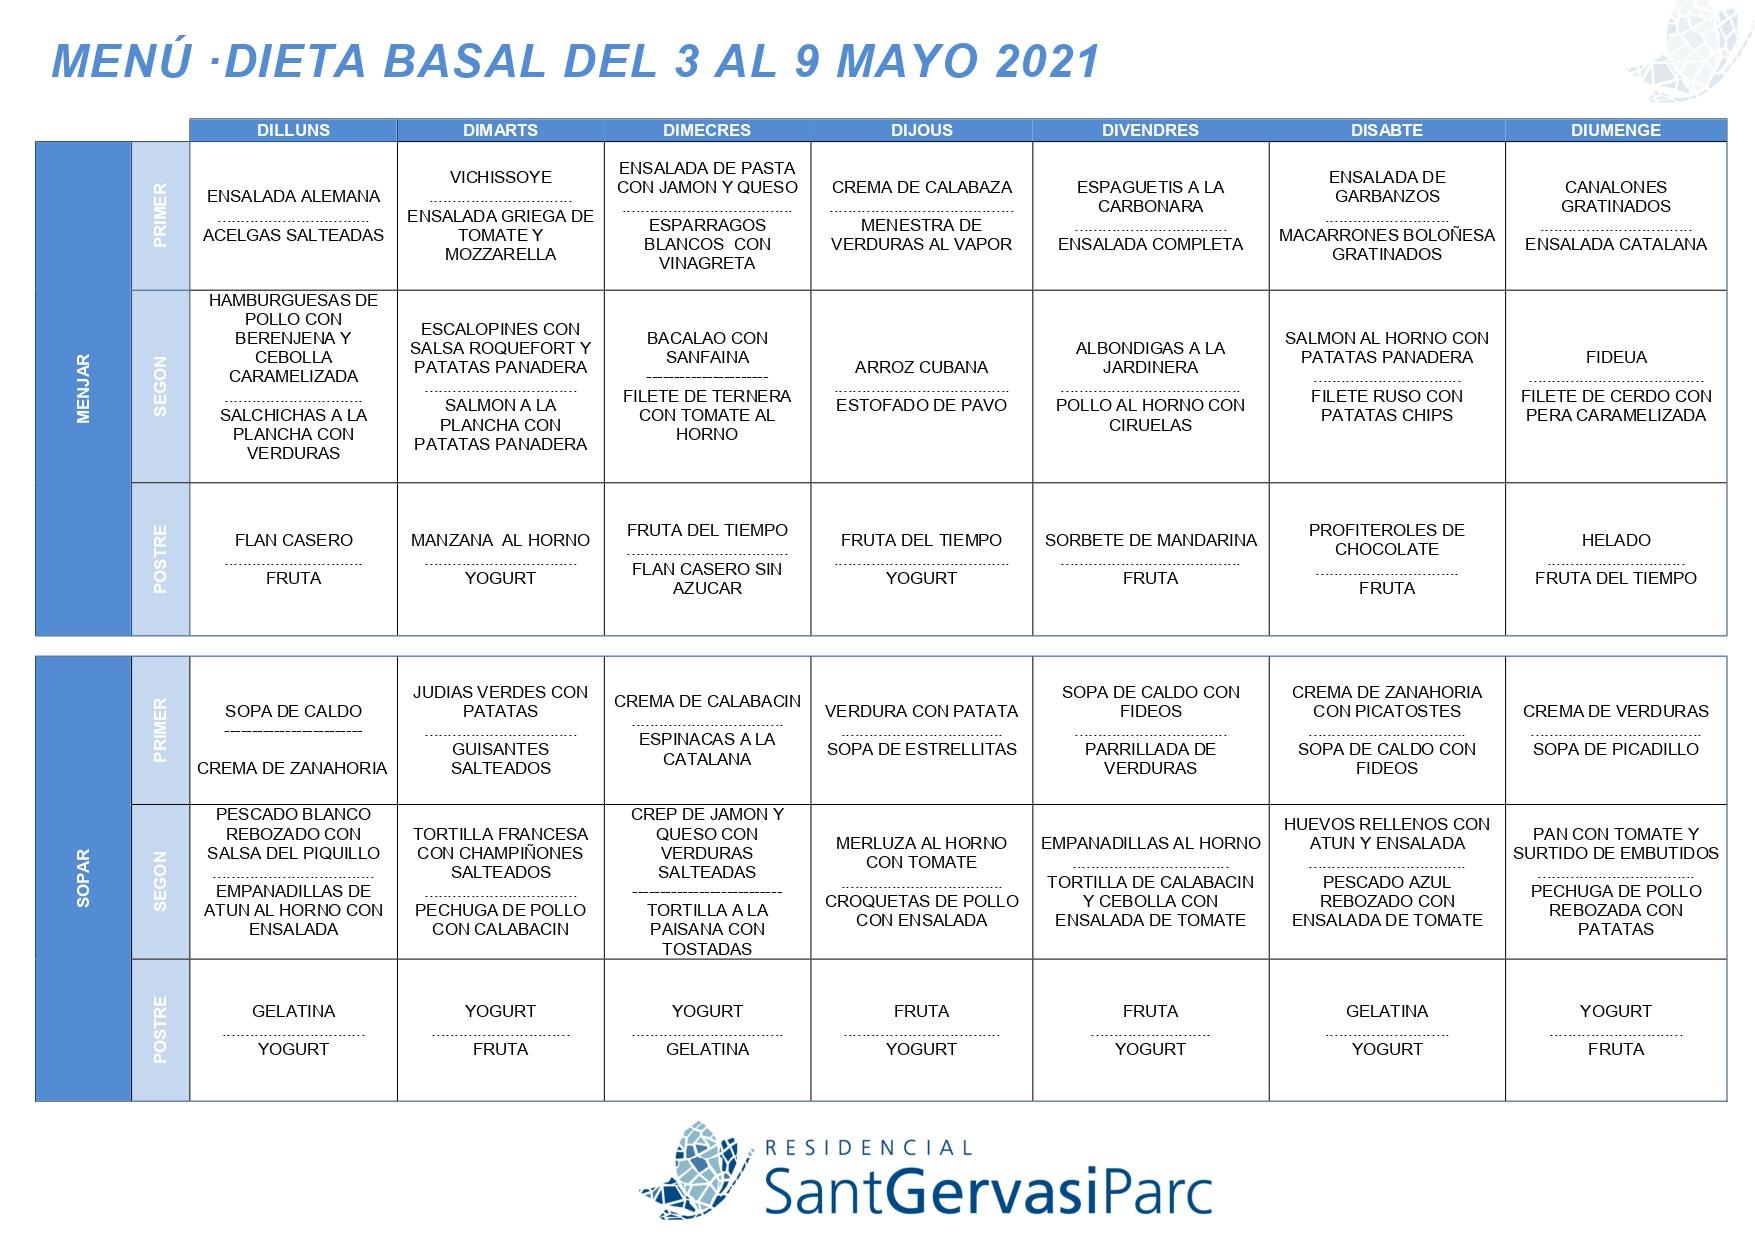 Menú del 3 al 9 Maig 2021